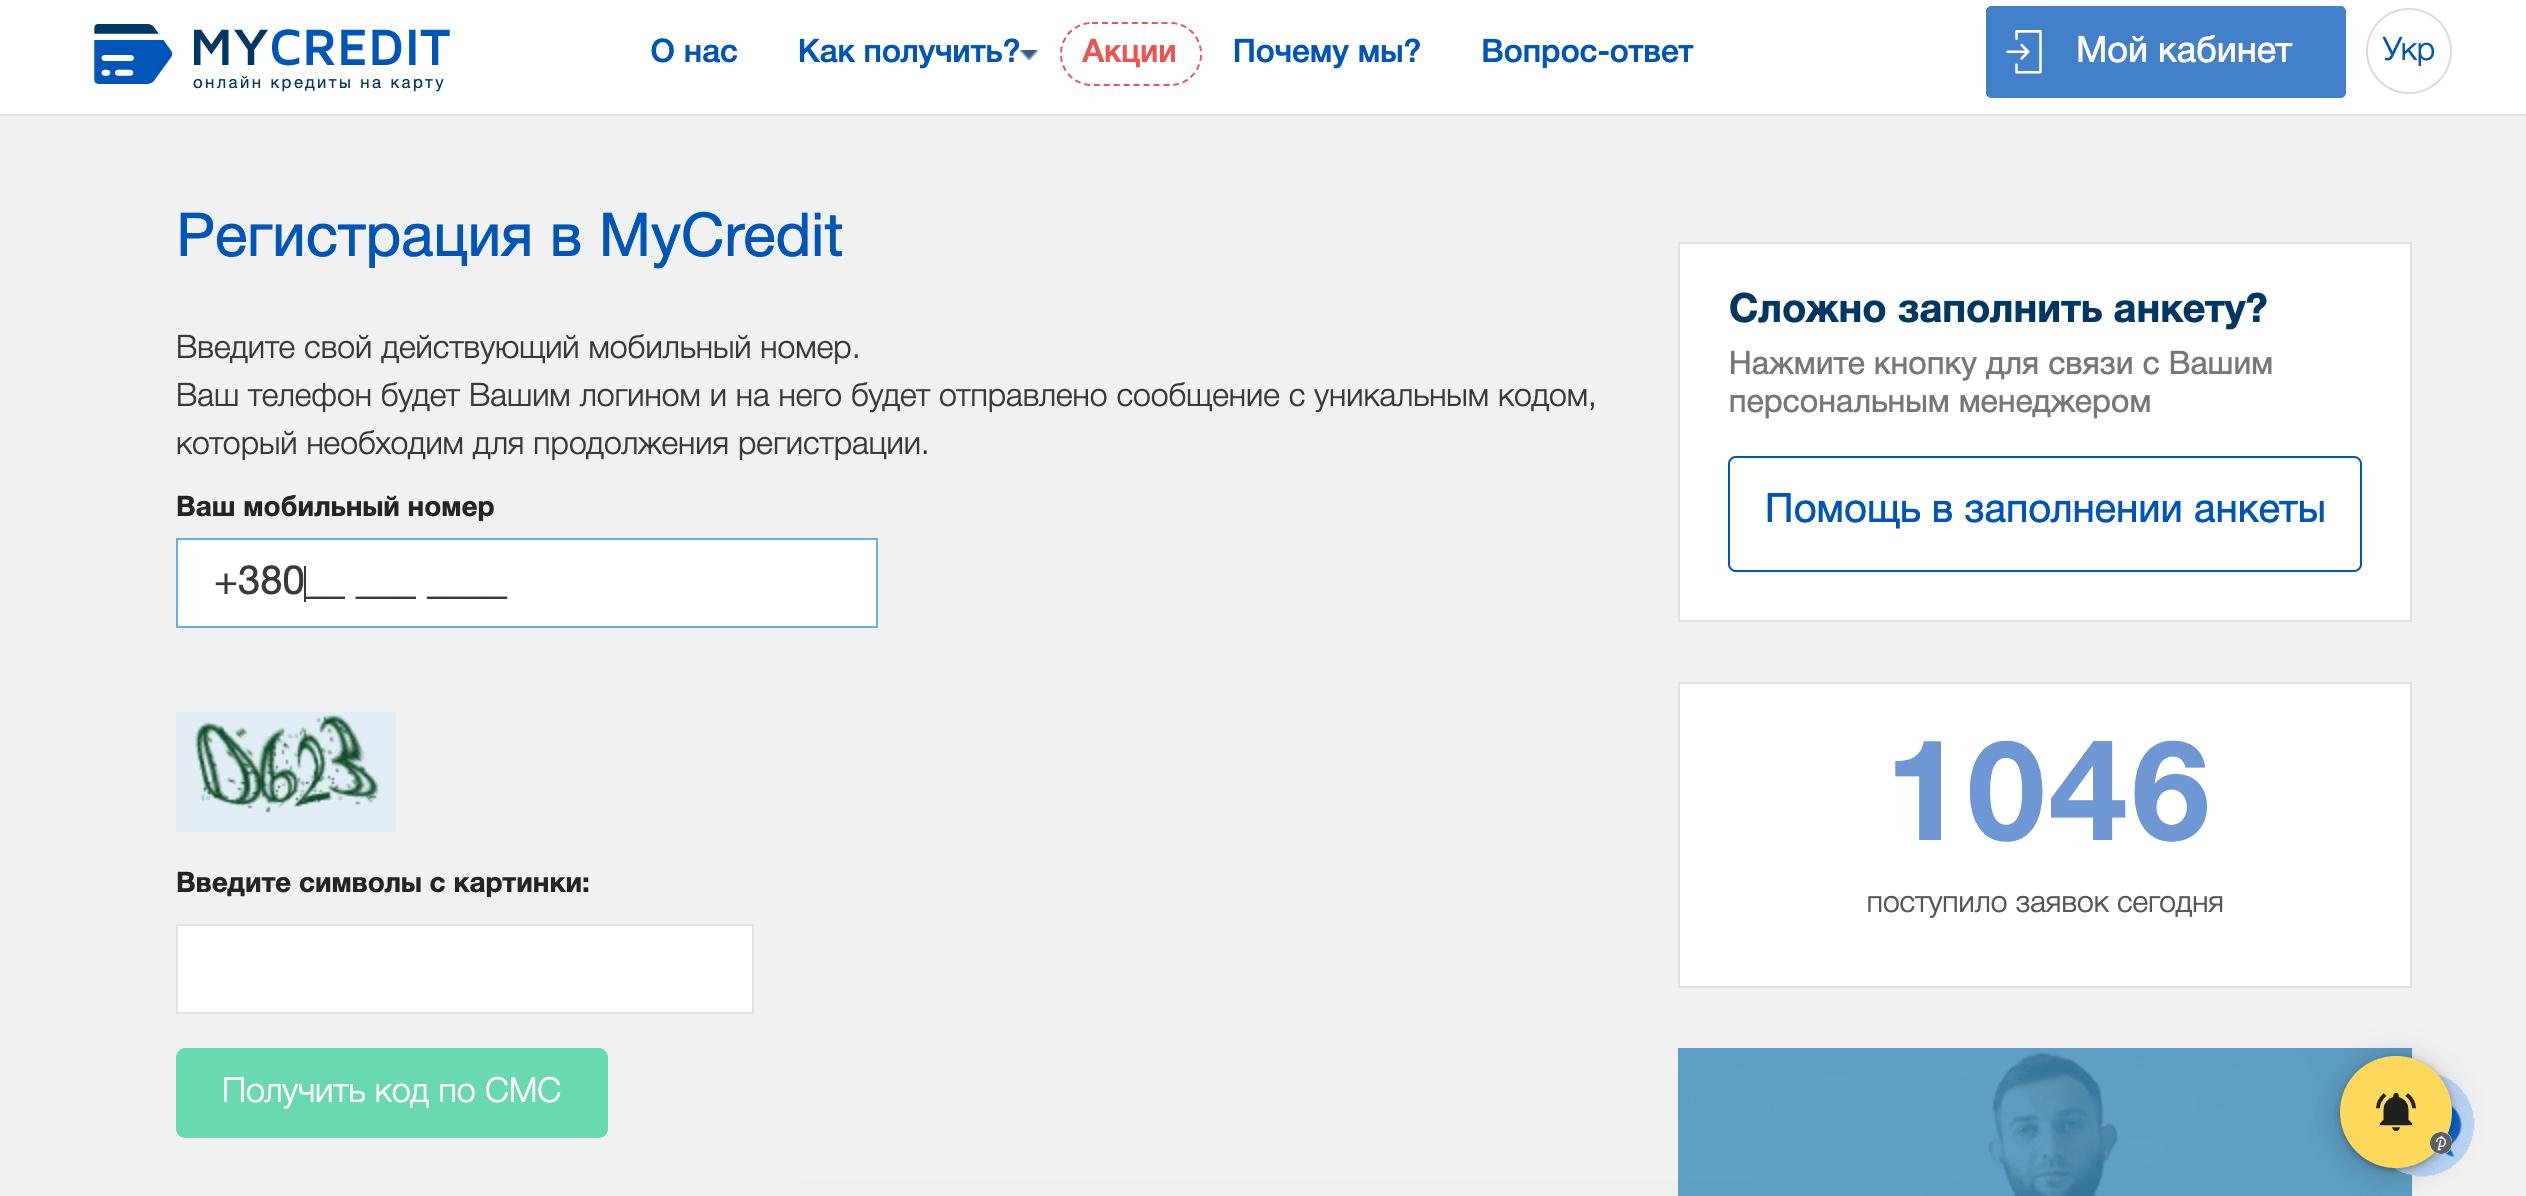 Регистрация в MyCredit